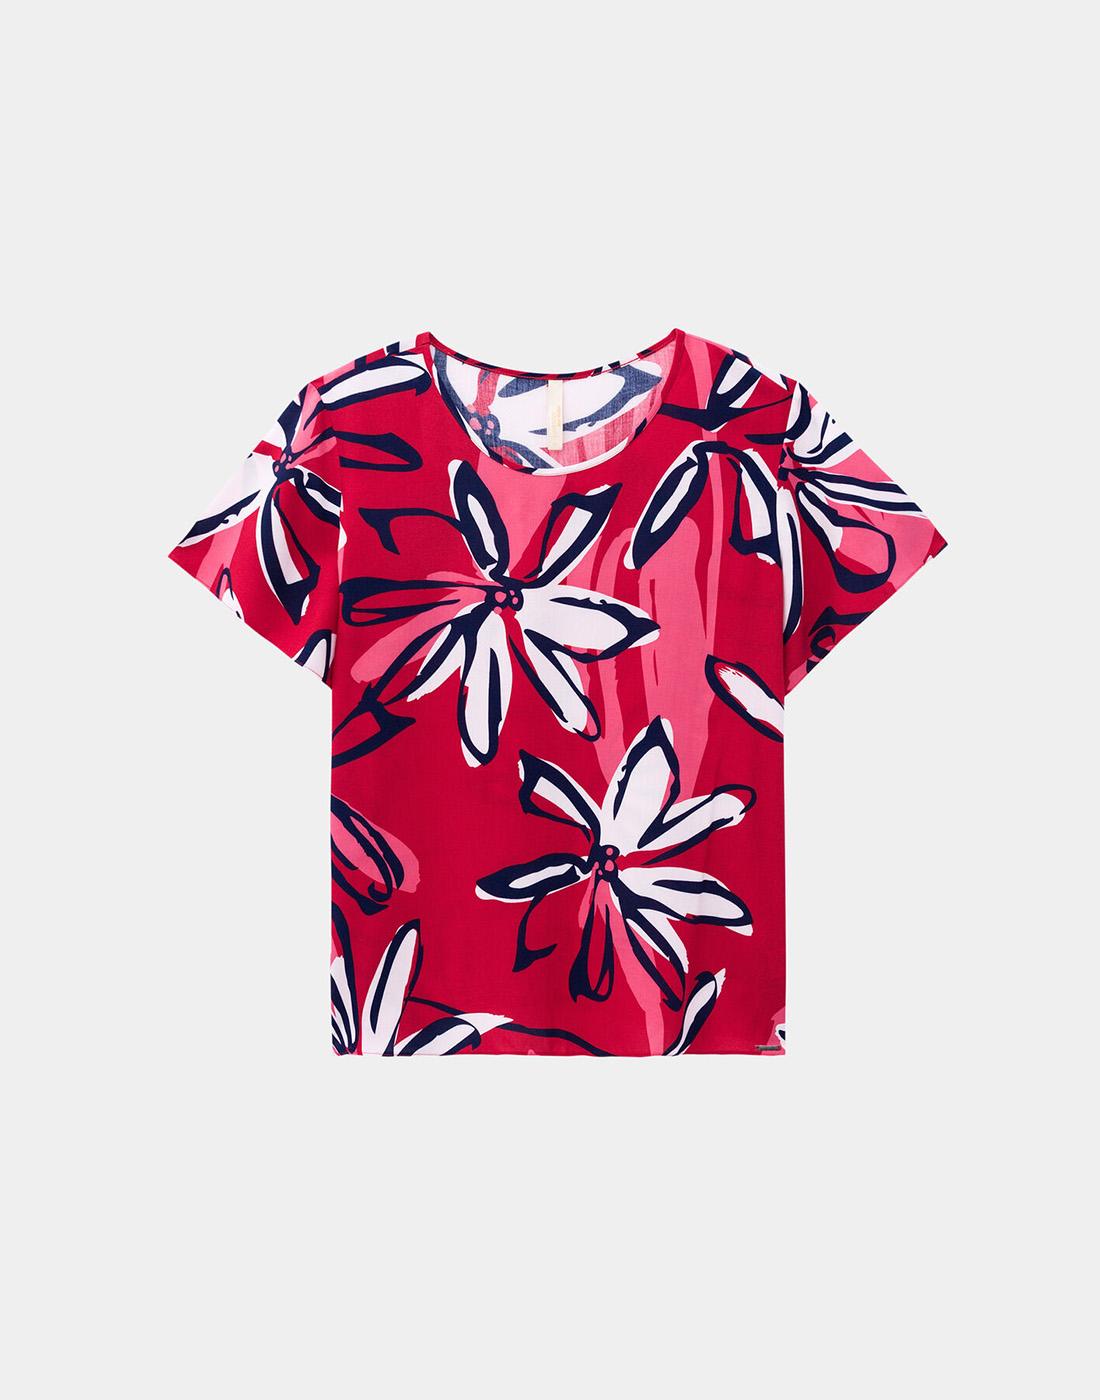 Blusa Estampada Plus Size Tecido Rayon Vermelho Natty Lunender Mais Mulher